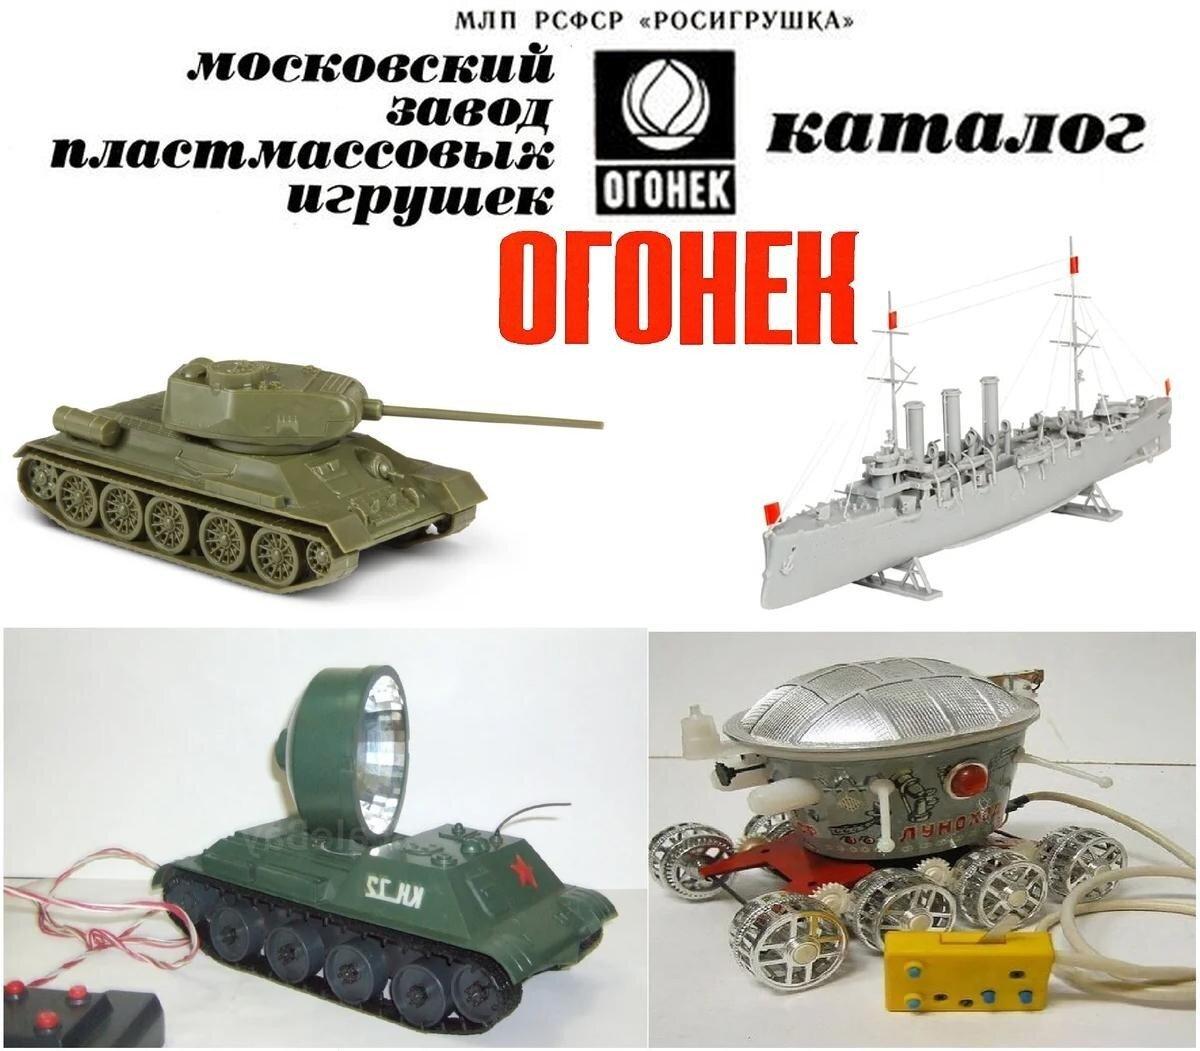 Сколько стоили игрушки в СССР? интересный каталог с ценами